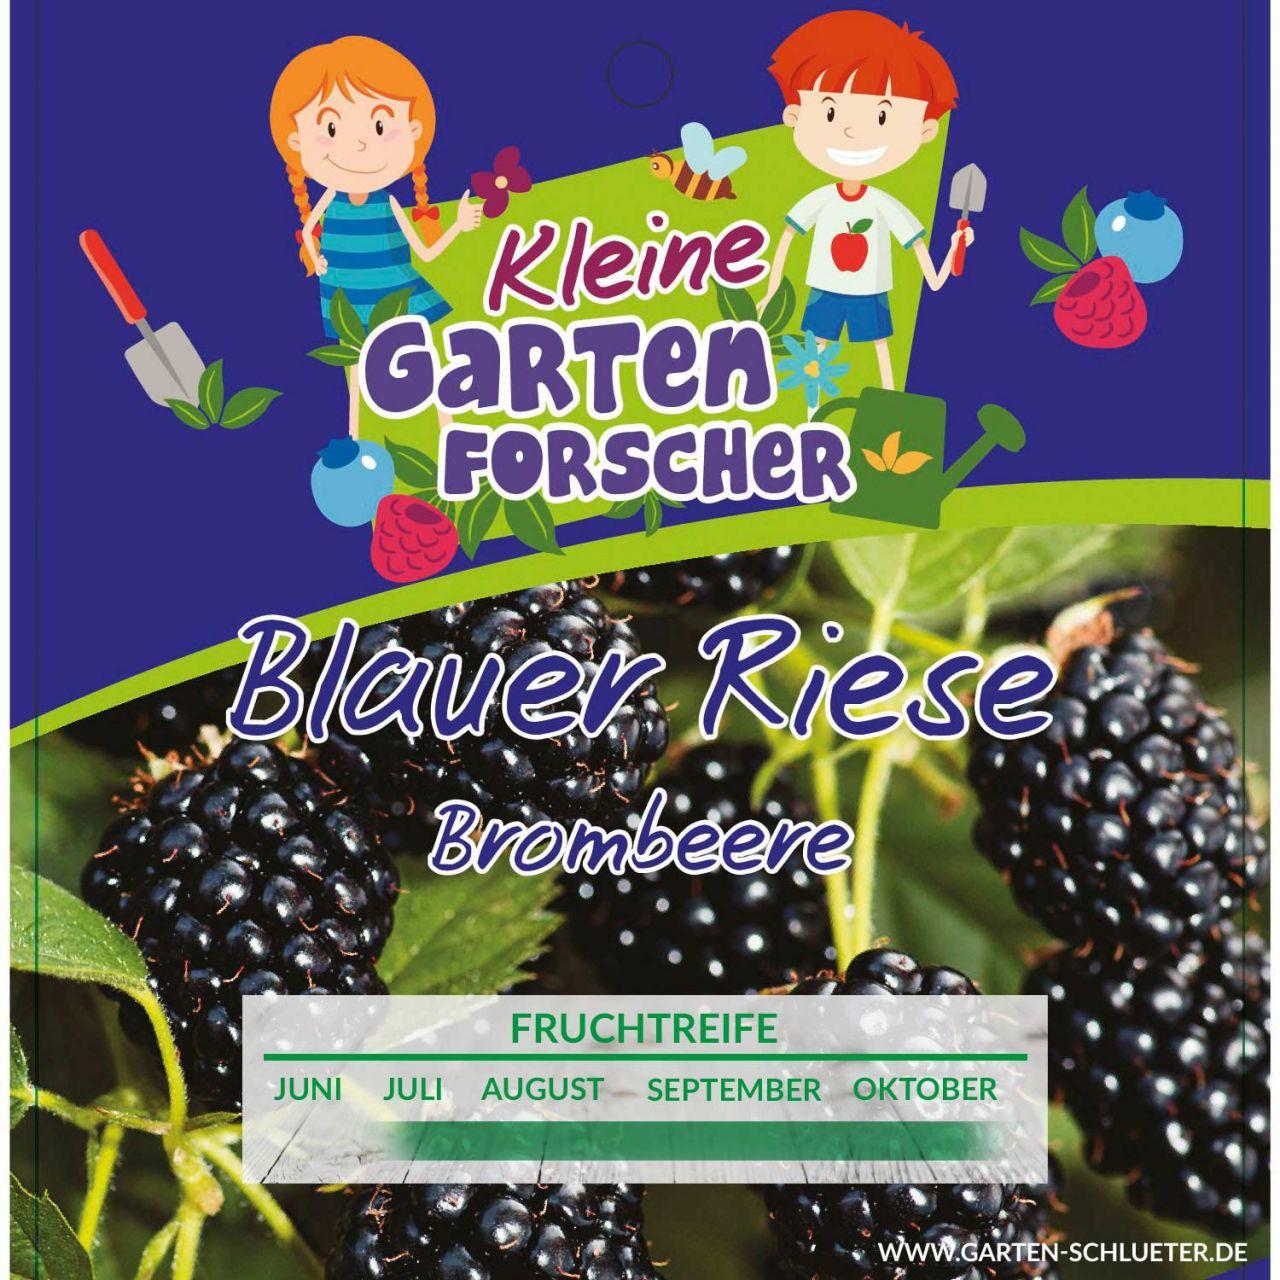 Brombeere 'Blauer Riese' - Kleine Gartenforscher